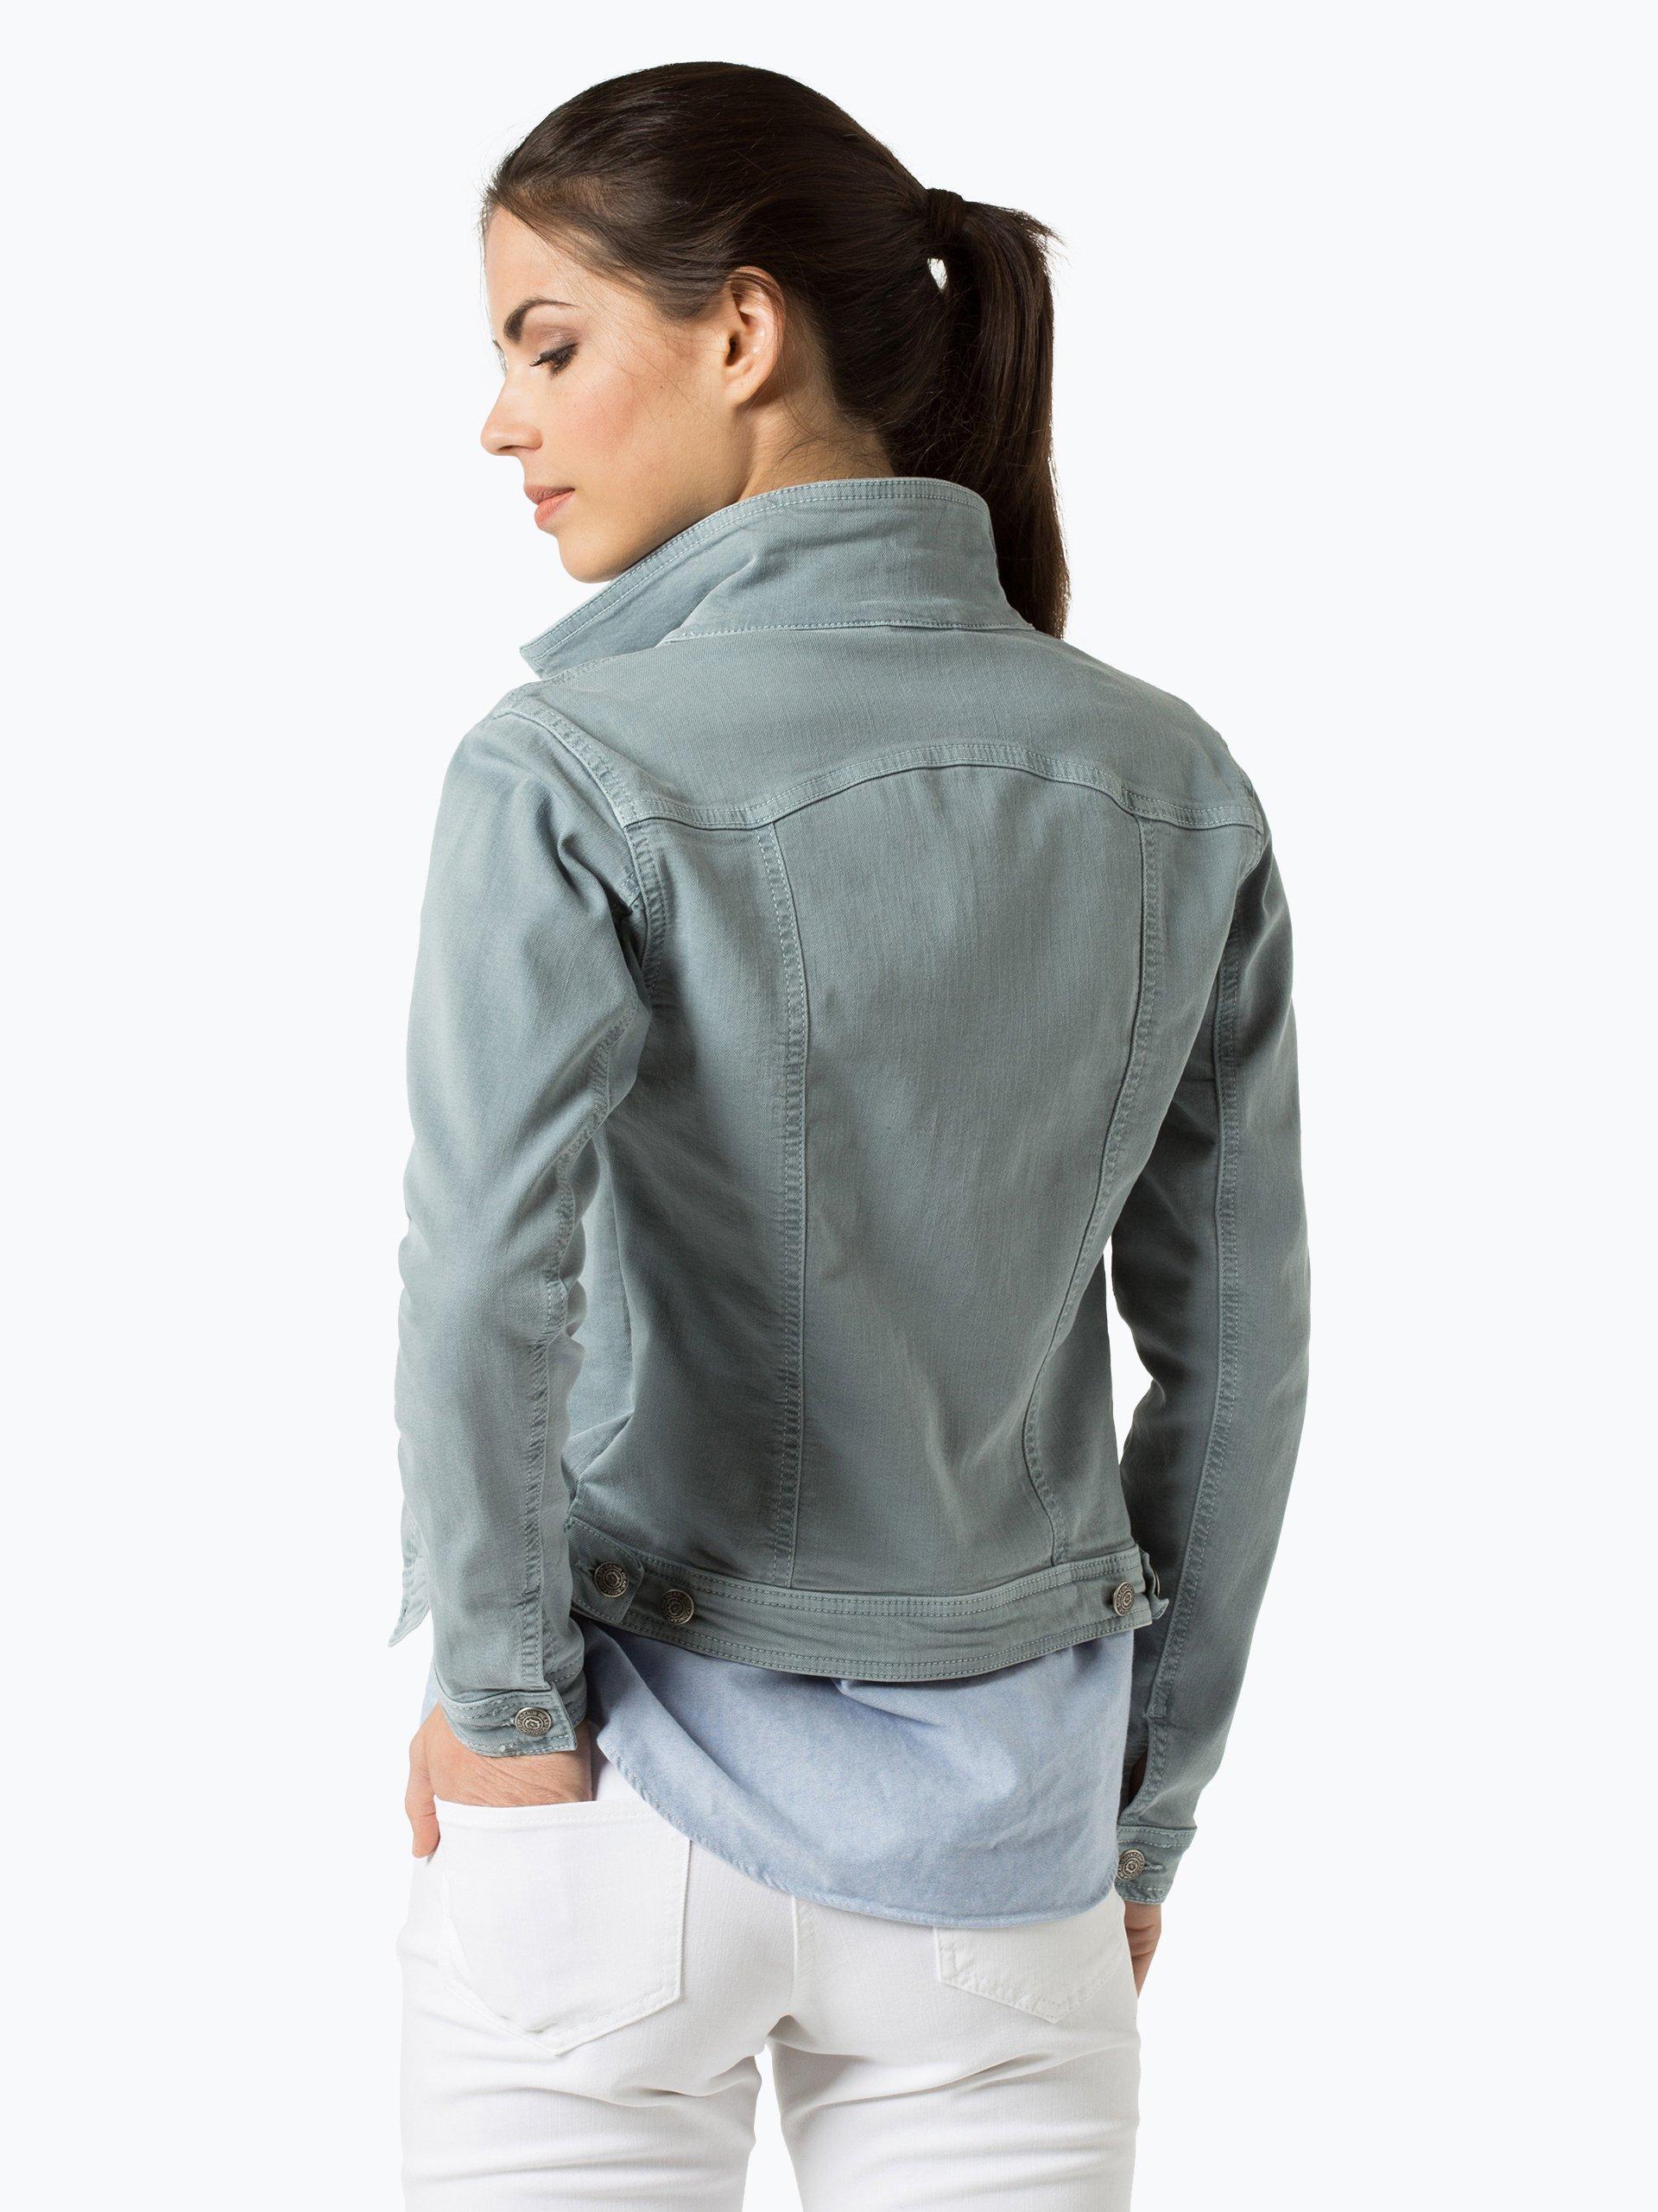 soyaconcept damen jeansjacke hellblau uni online kaufen vangraaf com. Black Bedroom Furniture Sets. Home Design Ideas